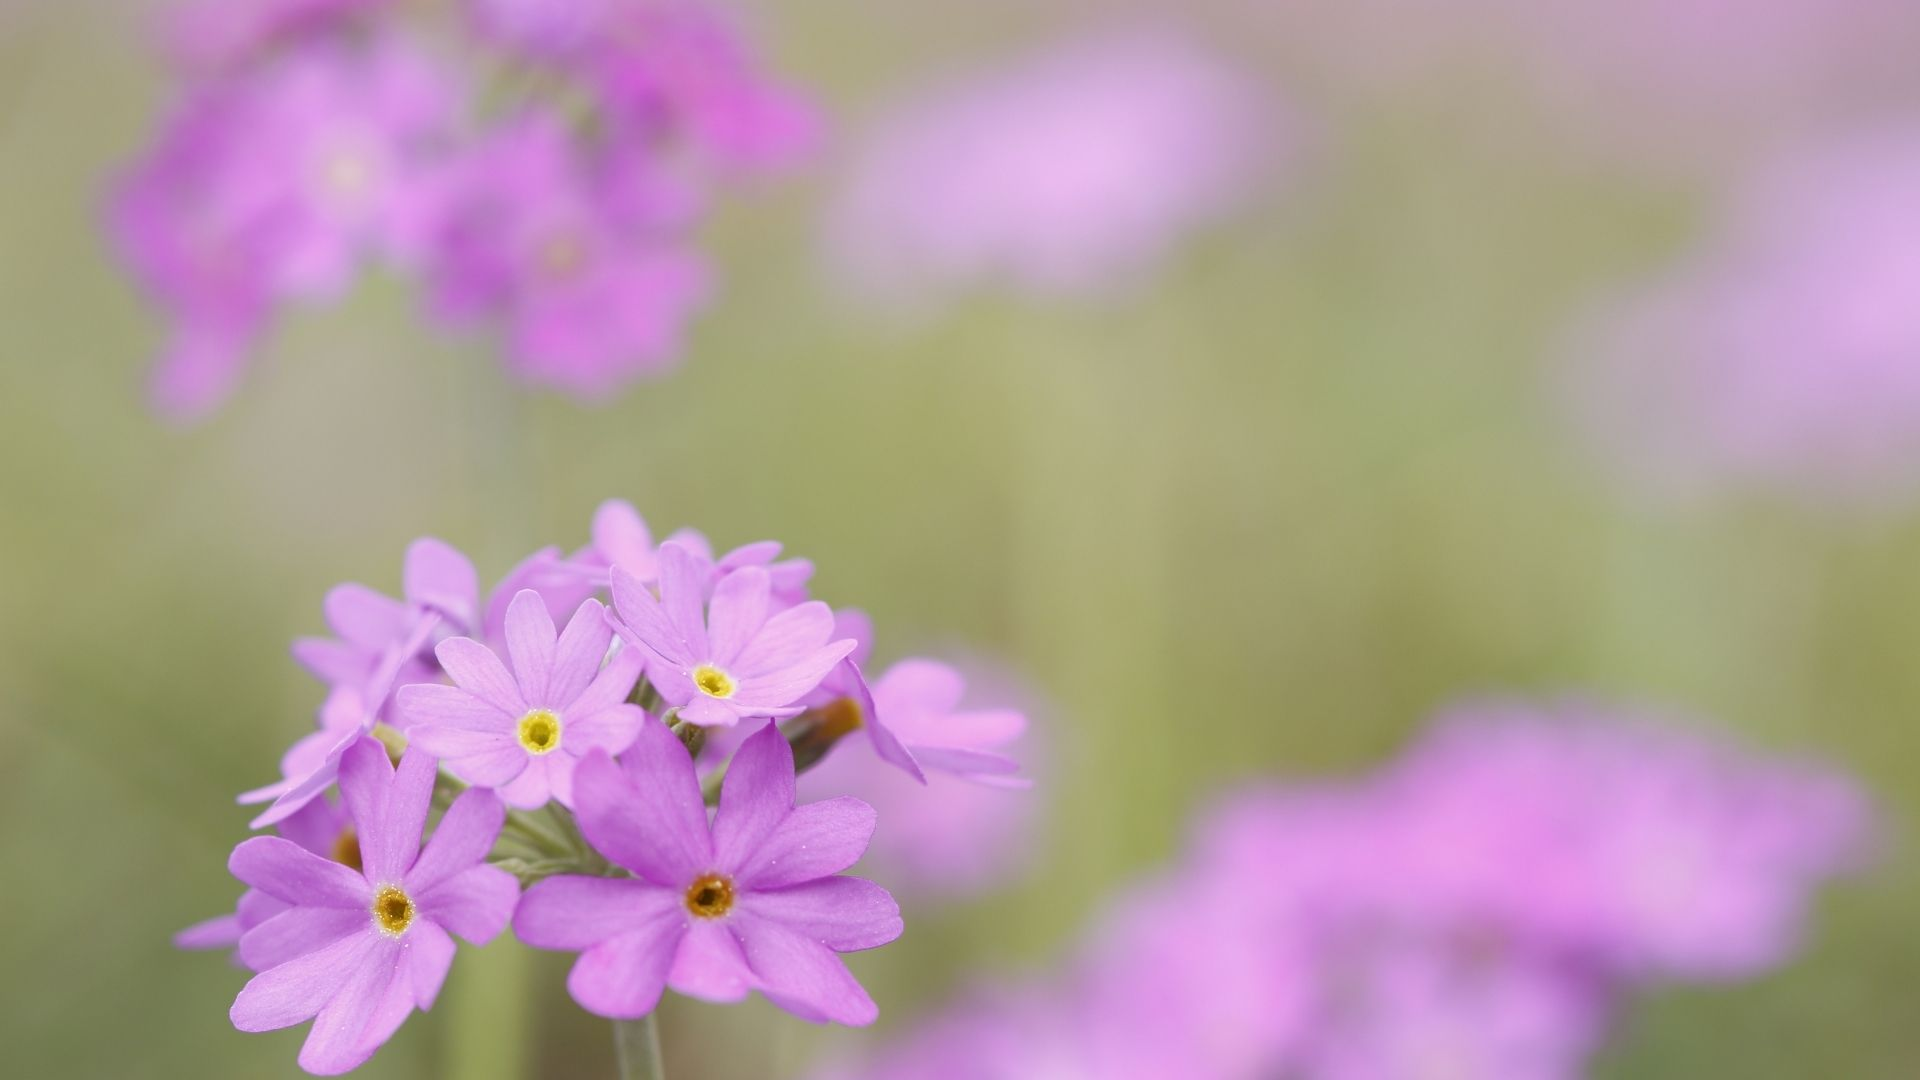 Primula Farinosa subsp. modesta